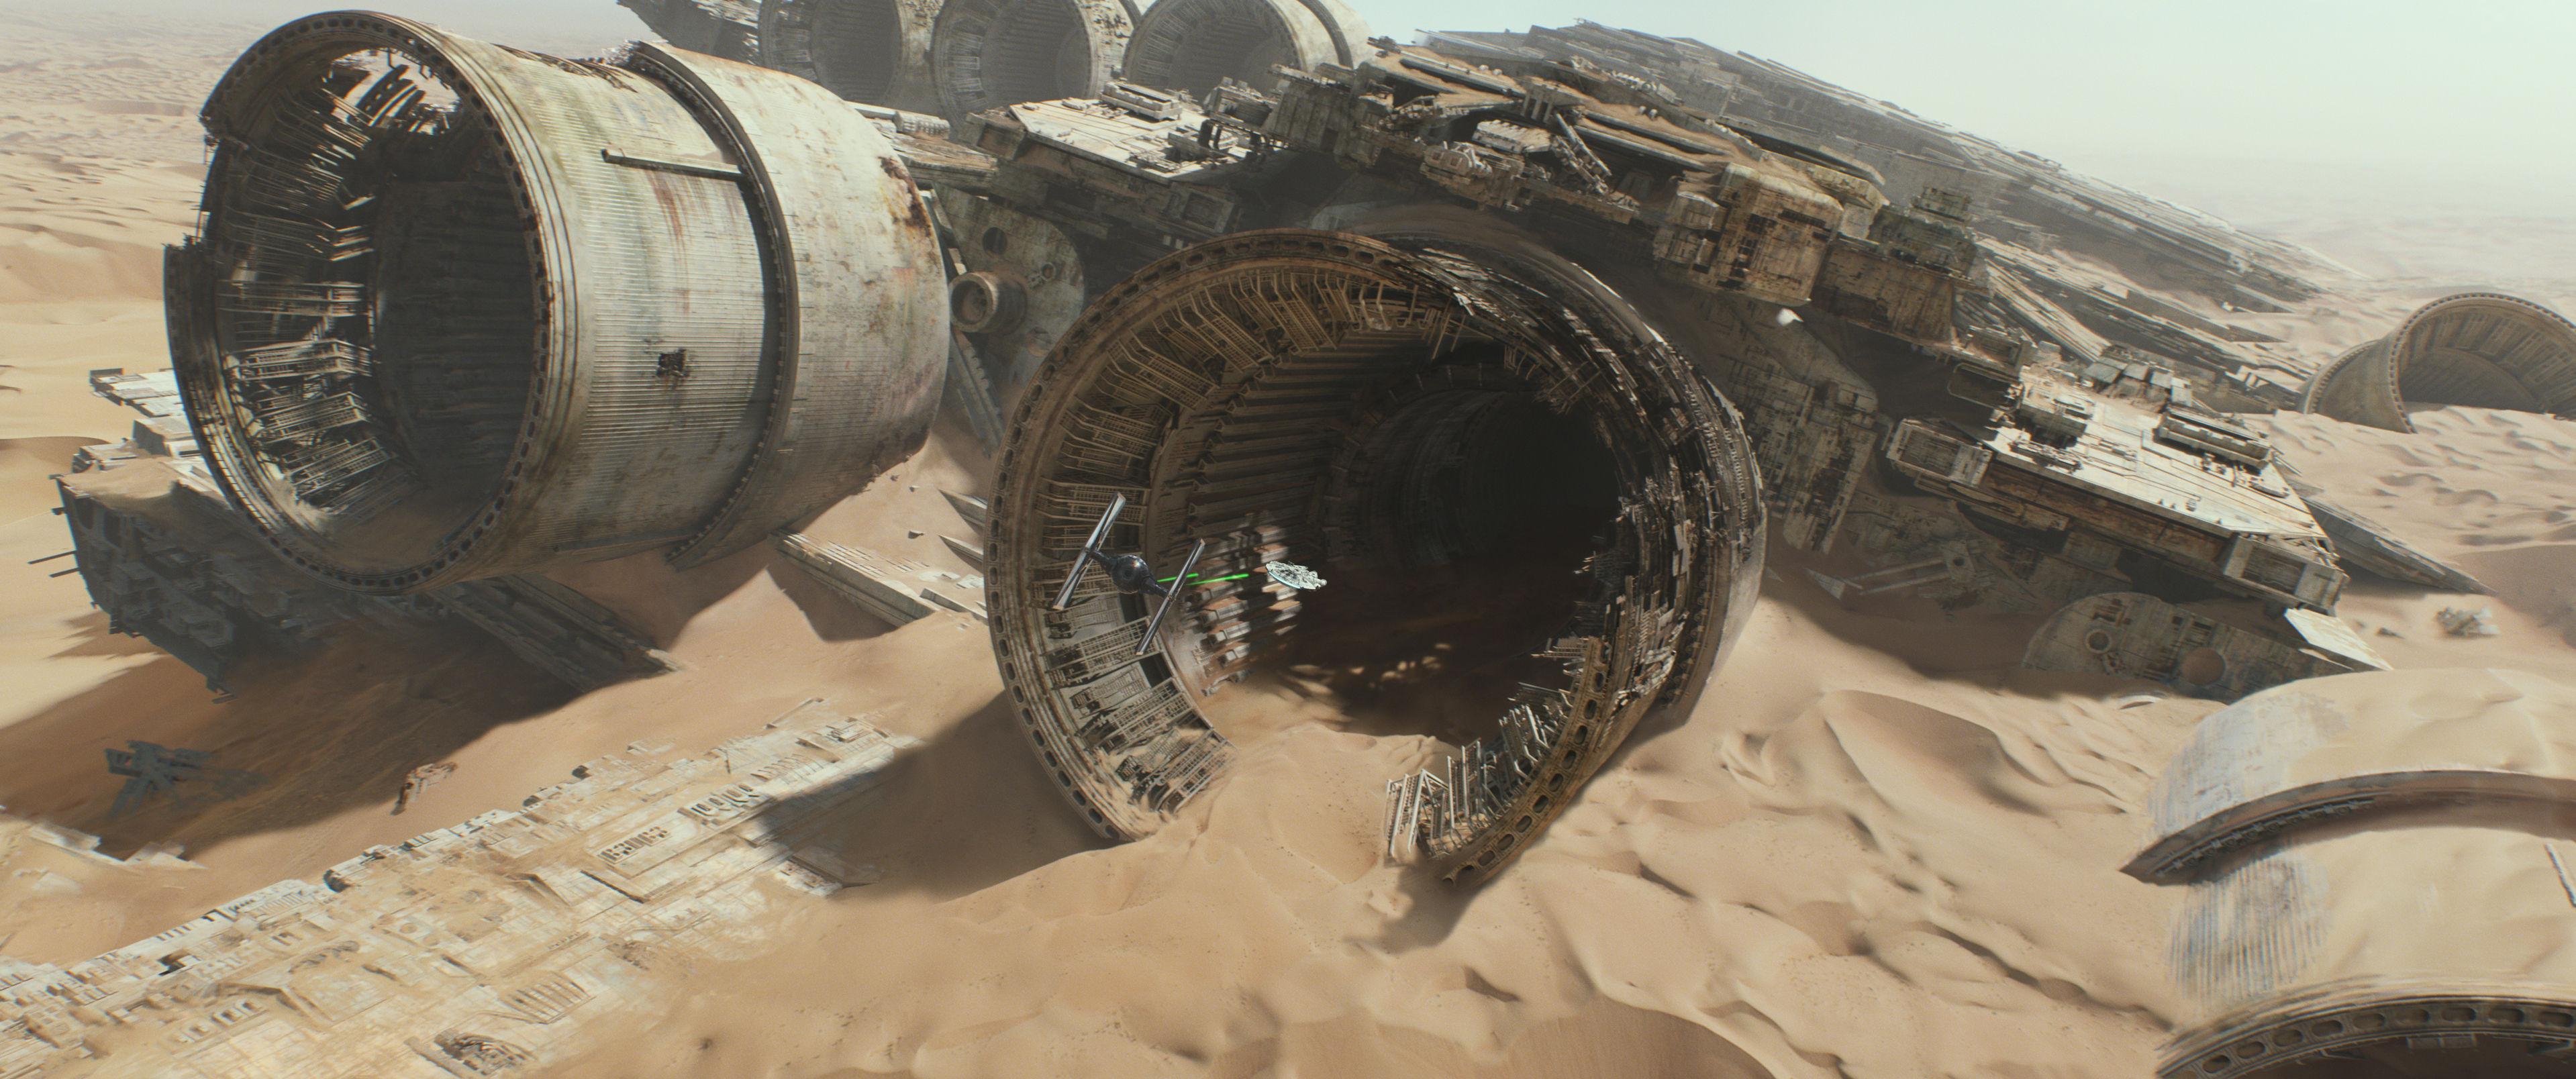 Star-Wars-7-Das-Erwachen-der-Macht-3D-Milleniumfalcon-trailer-cap